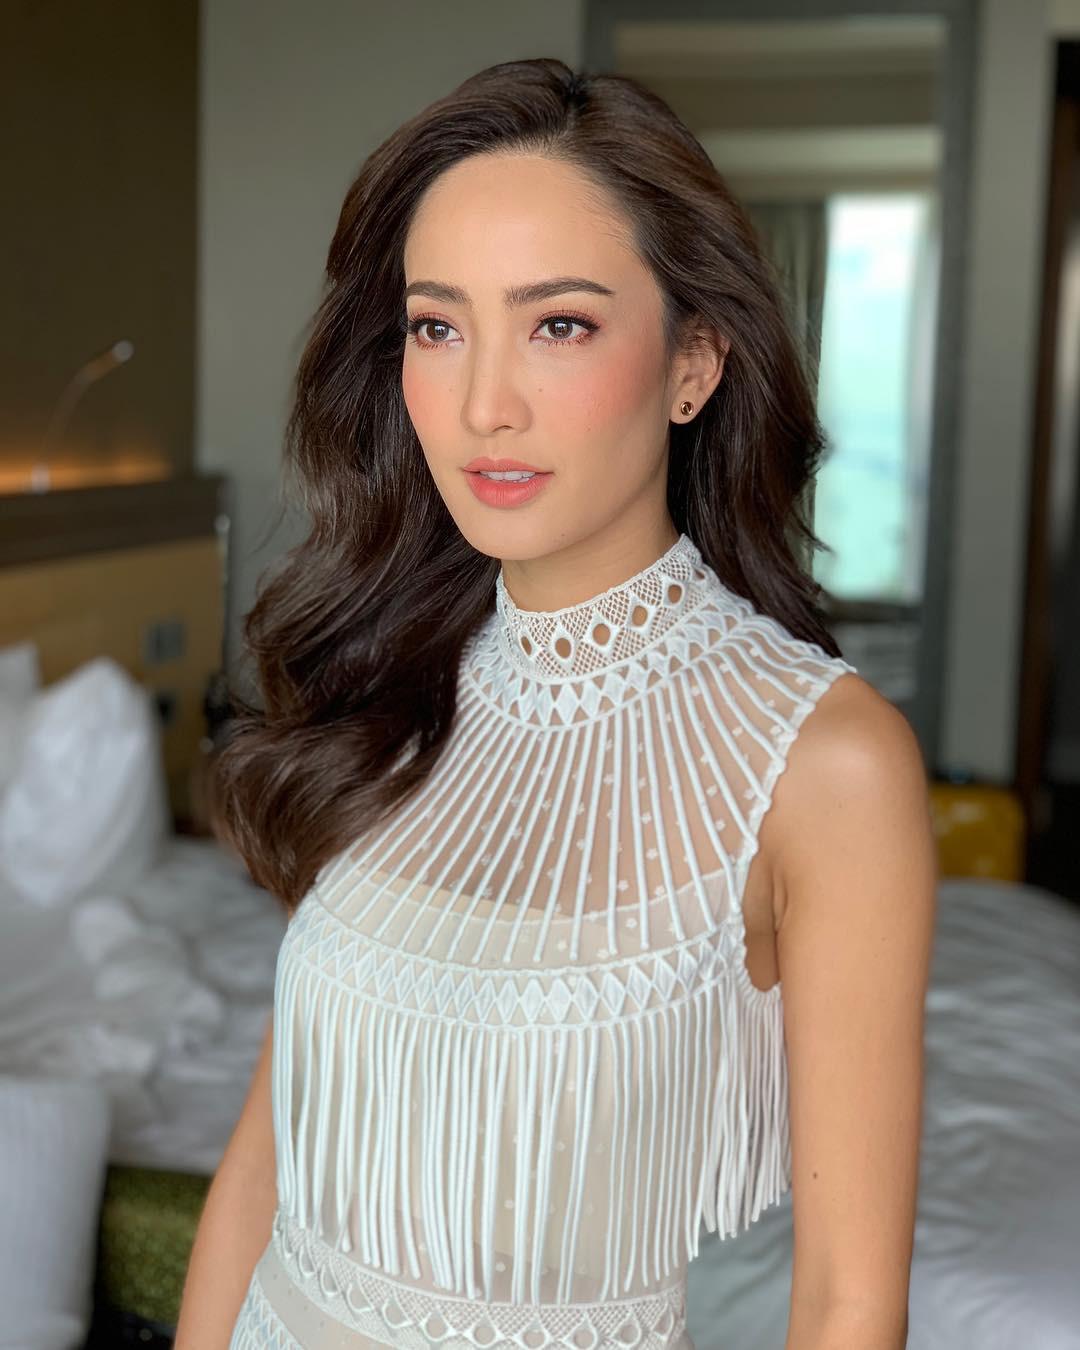 Top 10 mỹ nhân đẹp nhất đài truyền hình quyền lực Thái Lan: Toàn 9X đắt giá nhưng vẫn bị chị đại quyền lực vượt mặt - Ảnh 5.